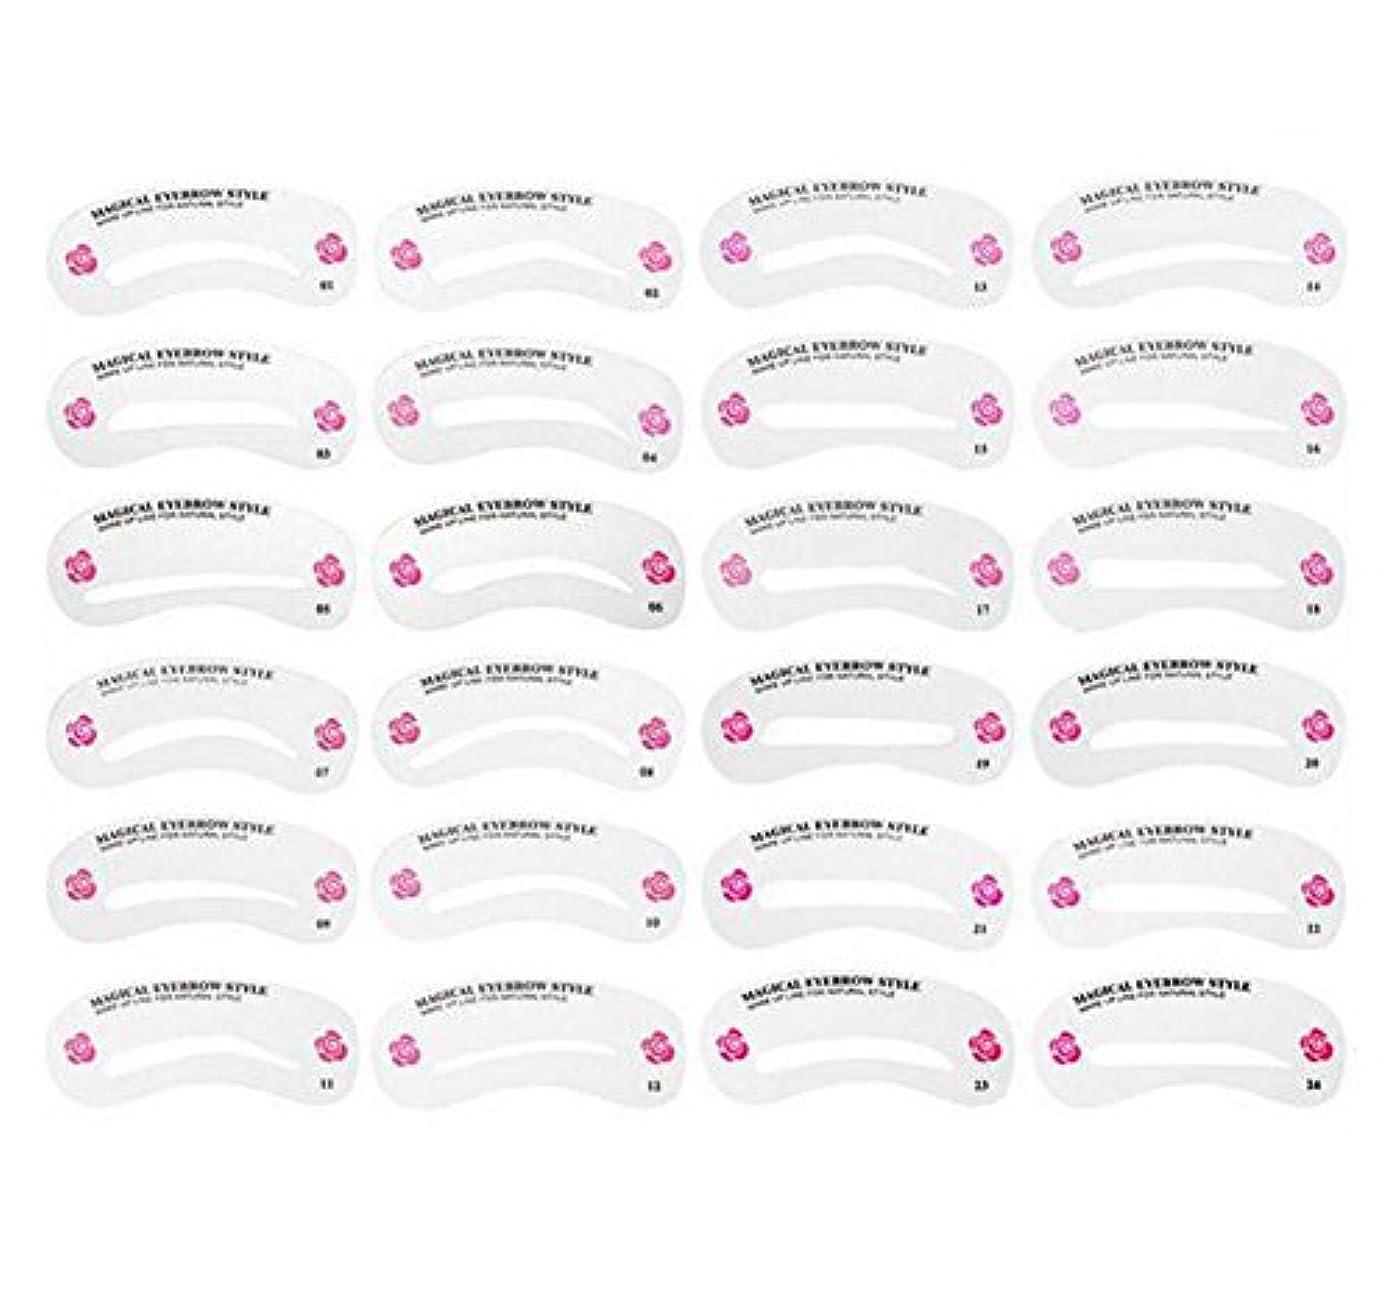 メガロポリス泣くコック24PCS 眉毛ステンシル眉毛グルーミングステンシルカードキットソフトマジック簡単メイクシェーピングテンプレートDIY美容女性女の子のためのツールとレディース-24スタイル